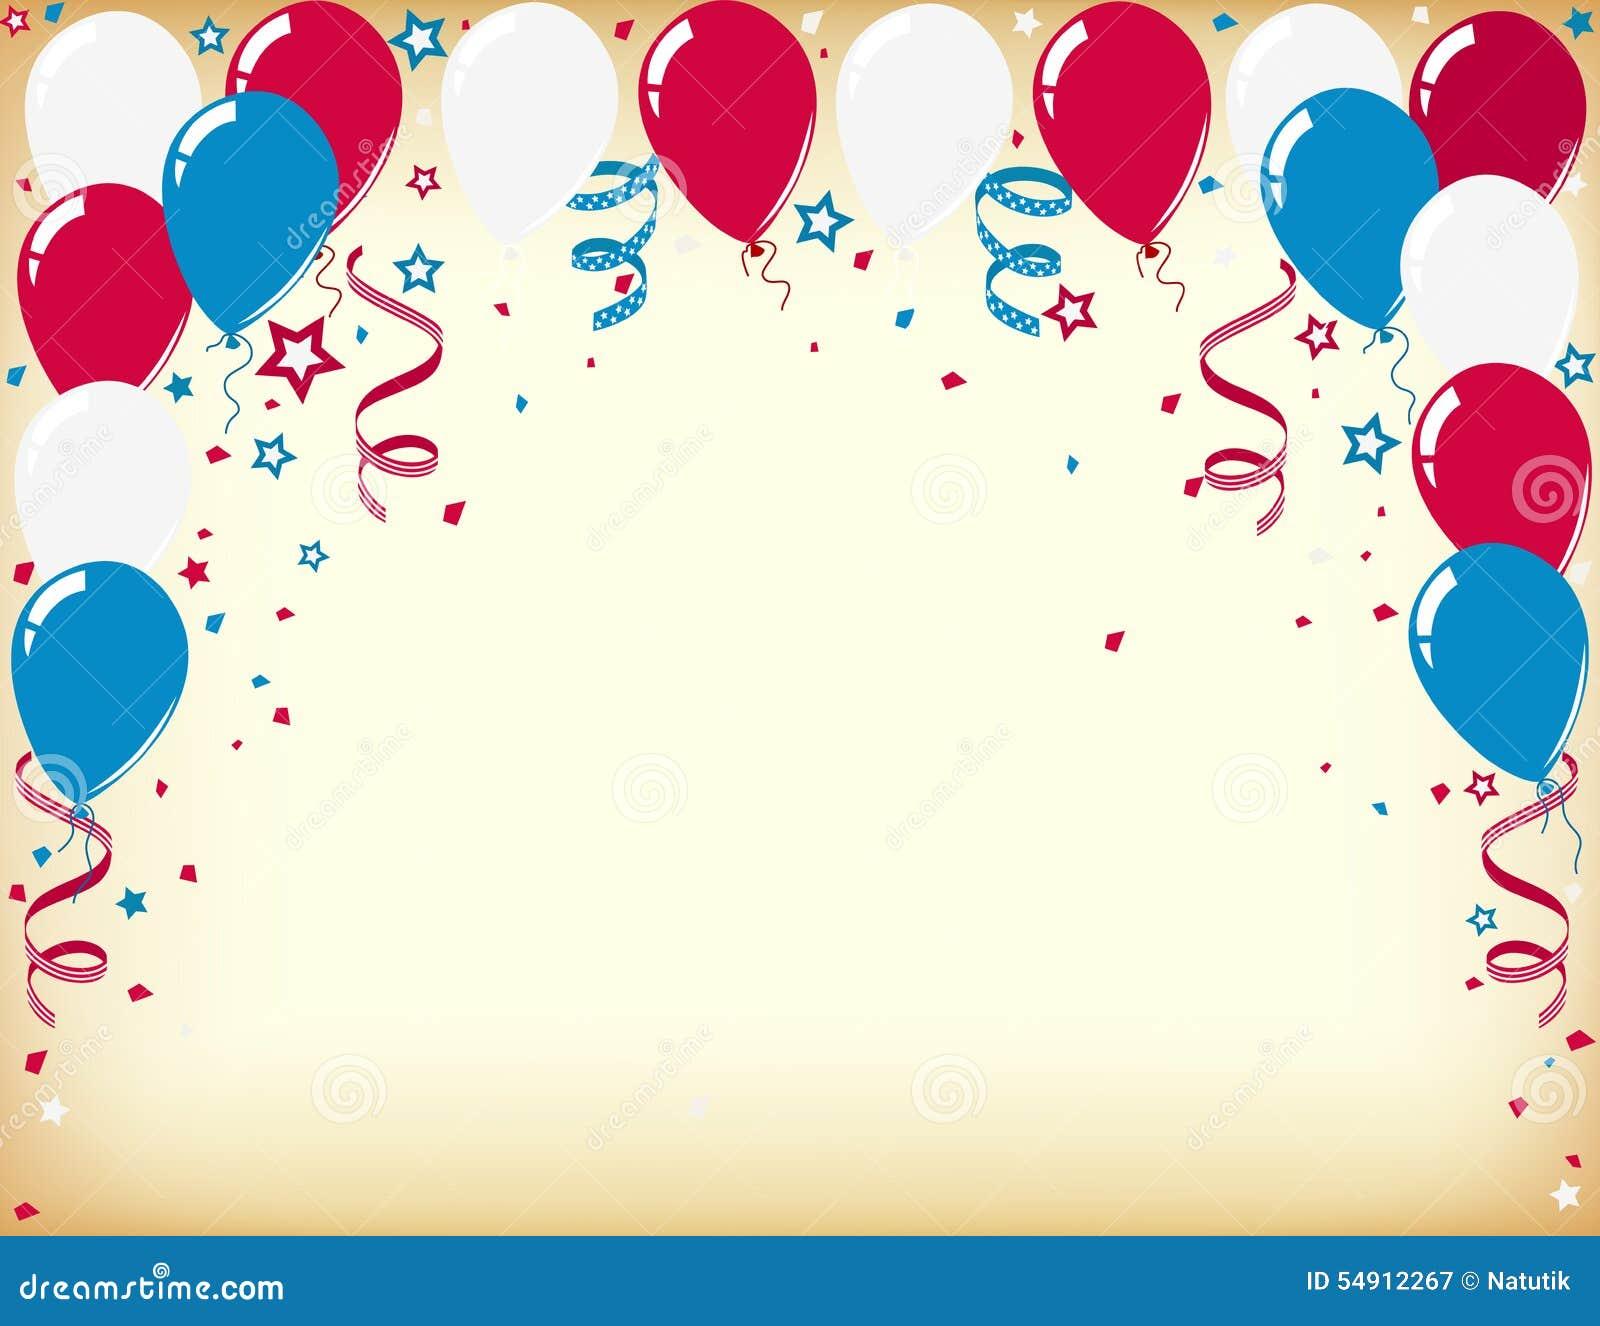 Tarjeta De La Celebración Del Día De La Independencia Con Los Globos ... f9eae489721